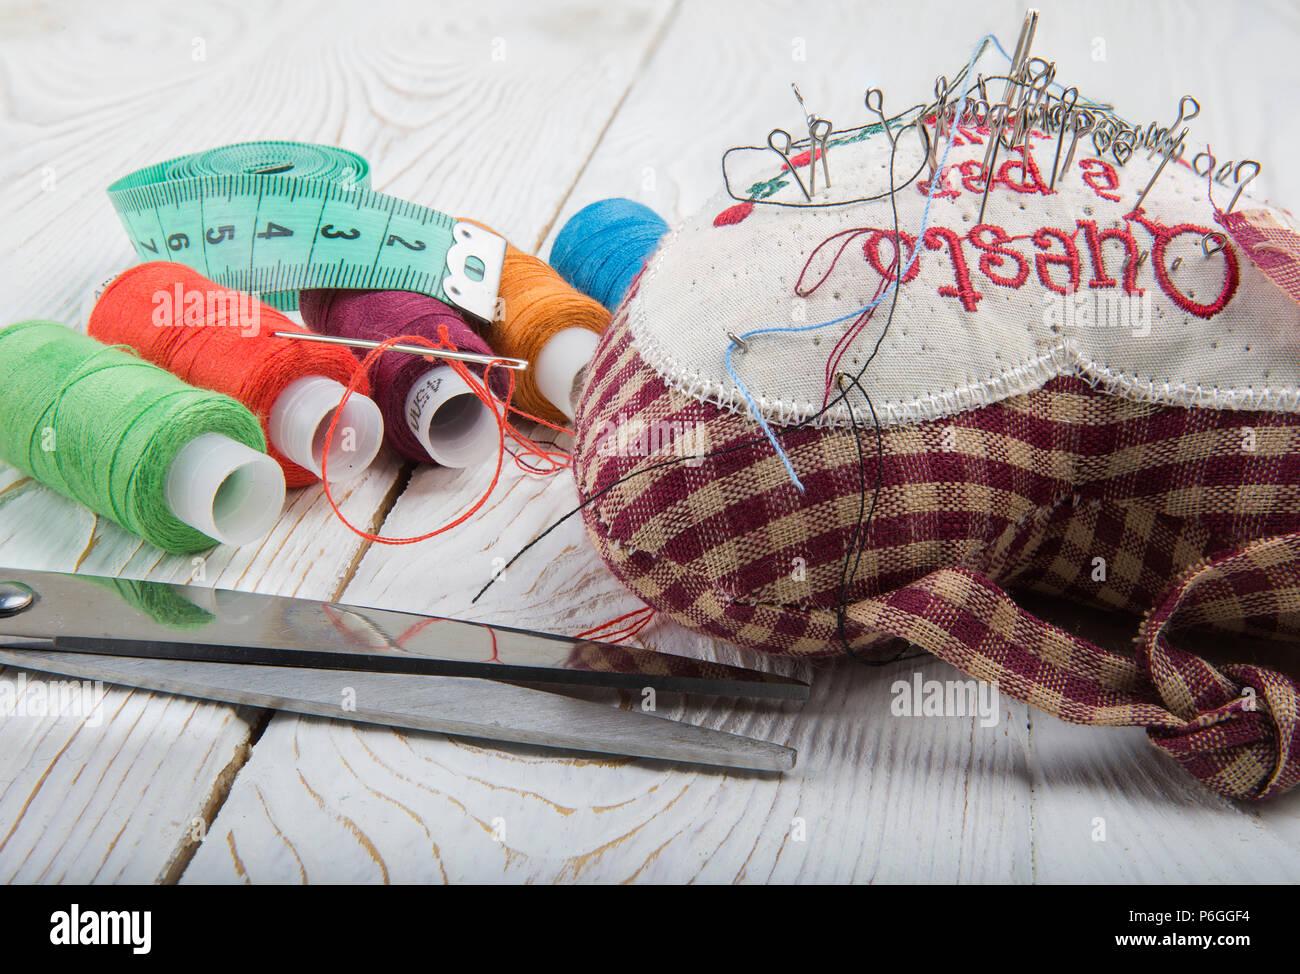 Herramientas para hilos de coser, tijeras, alfileres Foto de stock